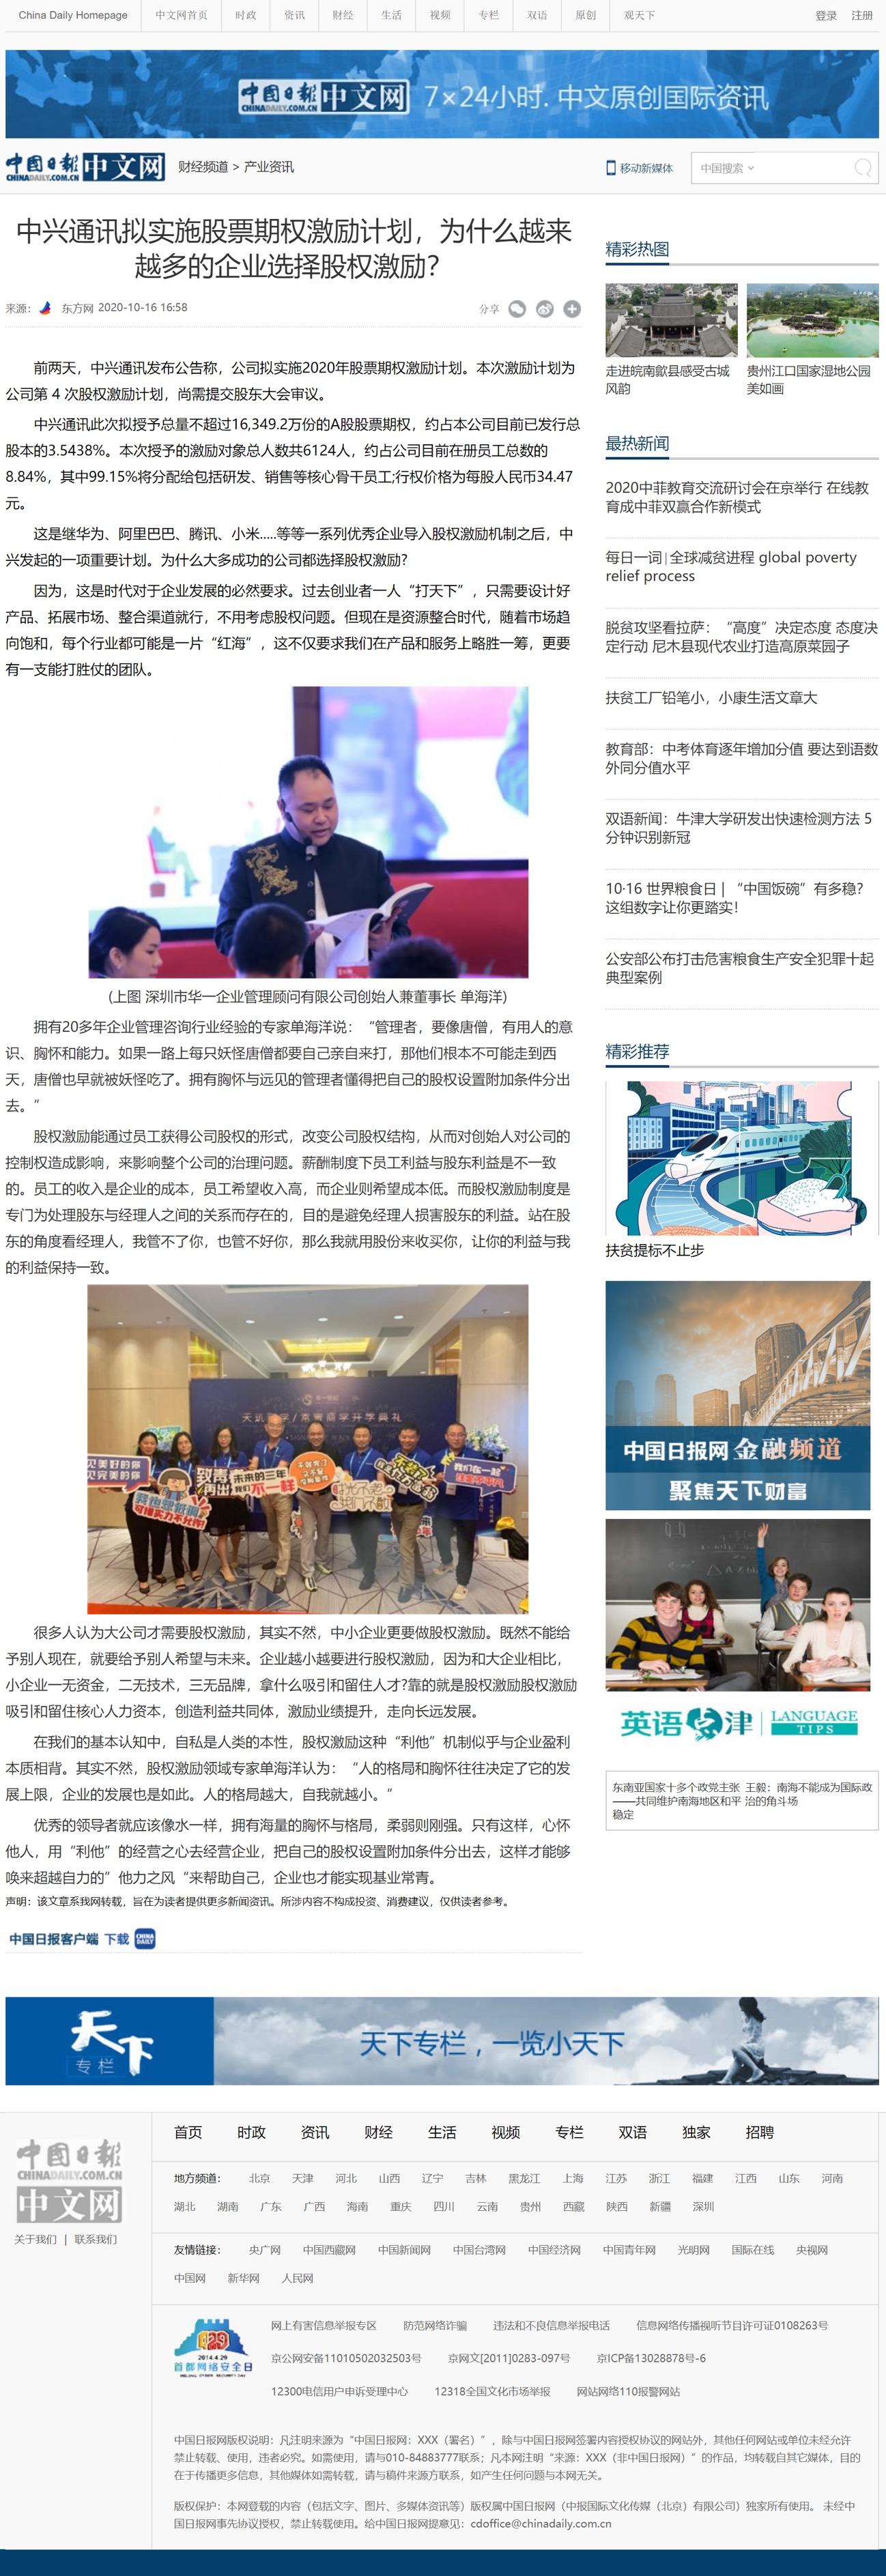 中国日报发布丨中兴通讯拟实施股票期权激励计划,为什么越来越多的企业选择股权激励?